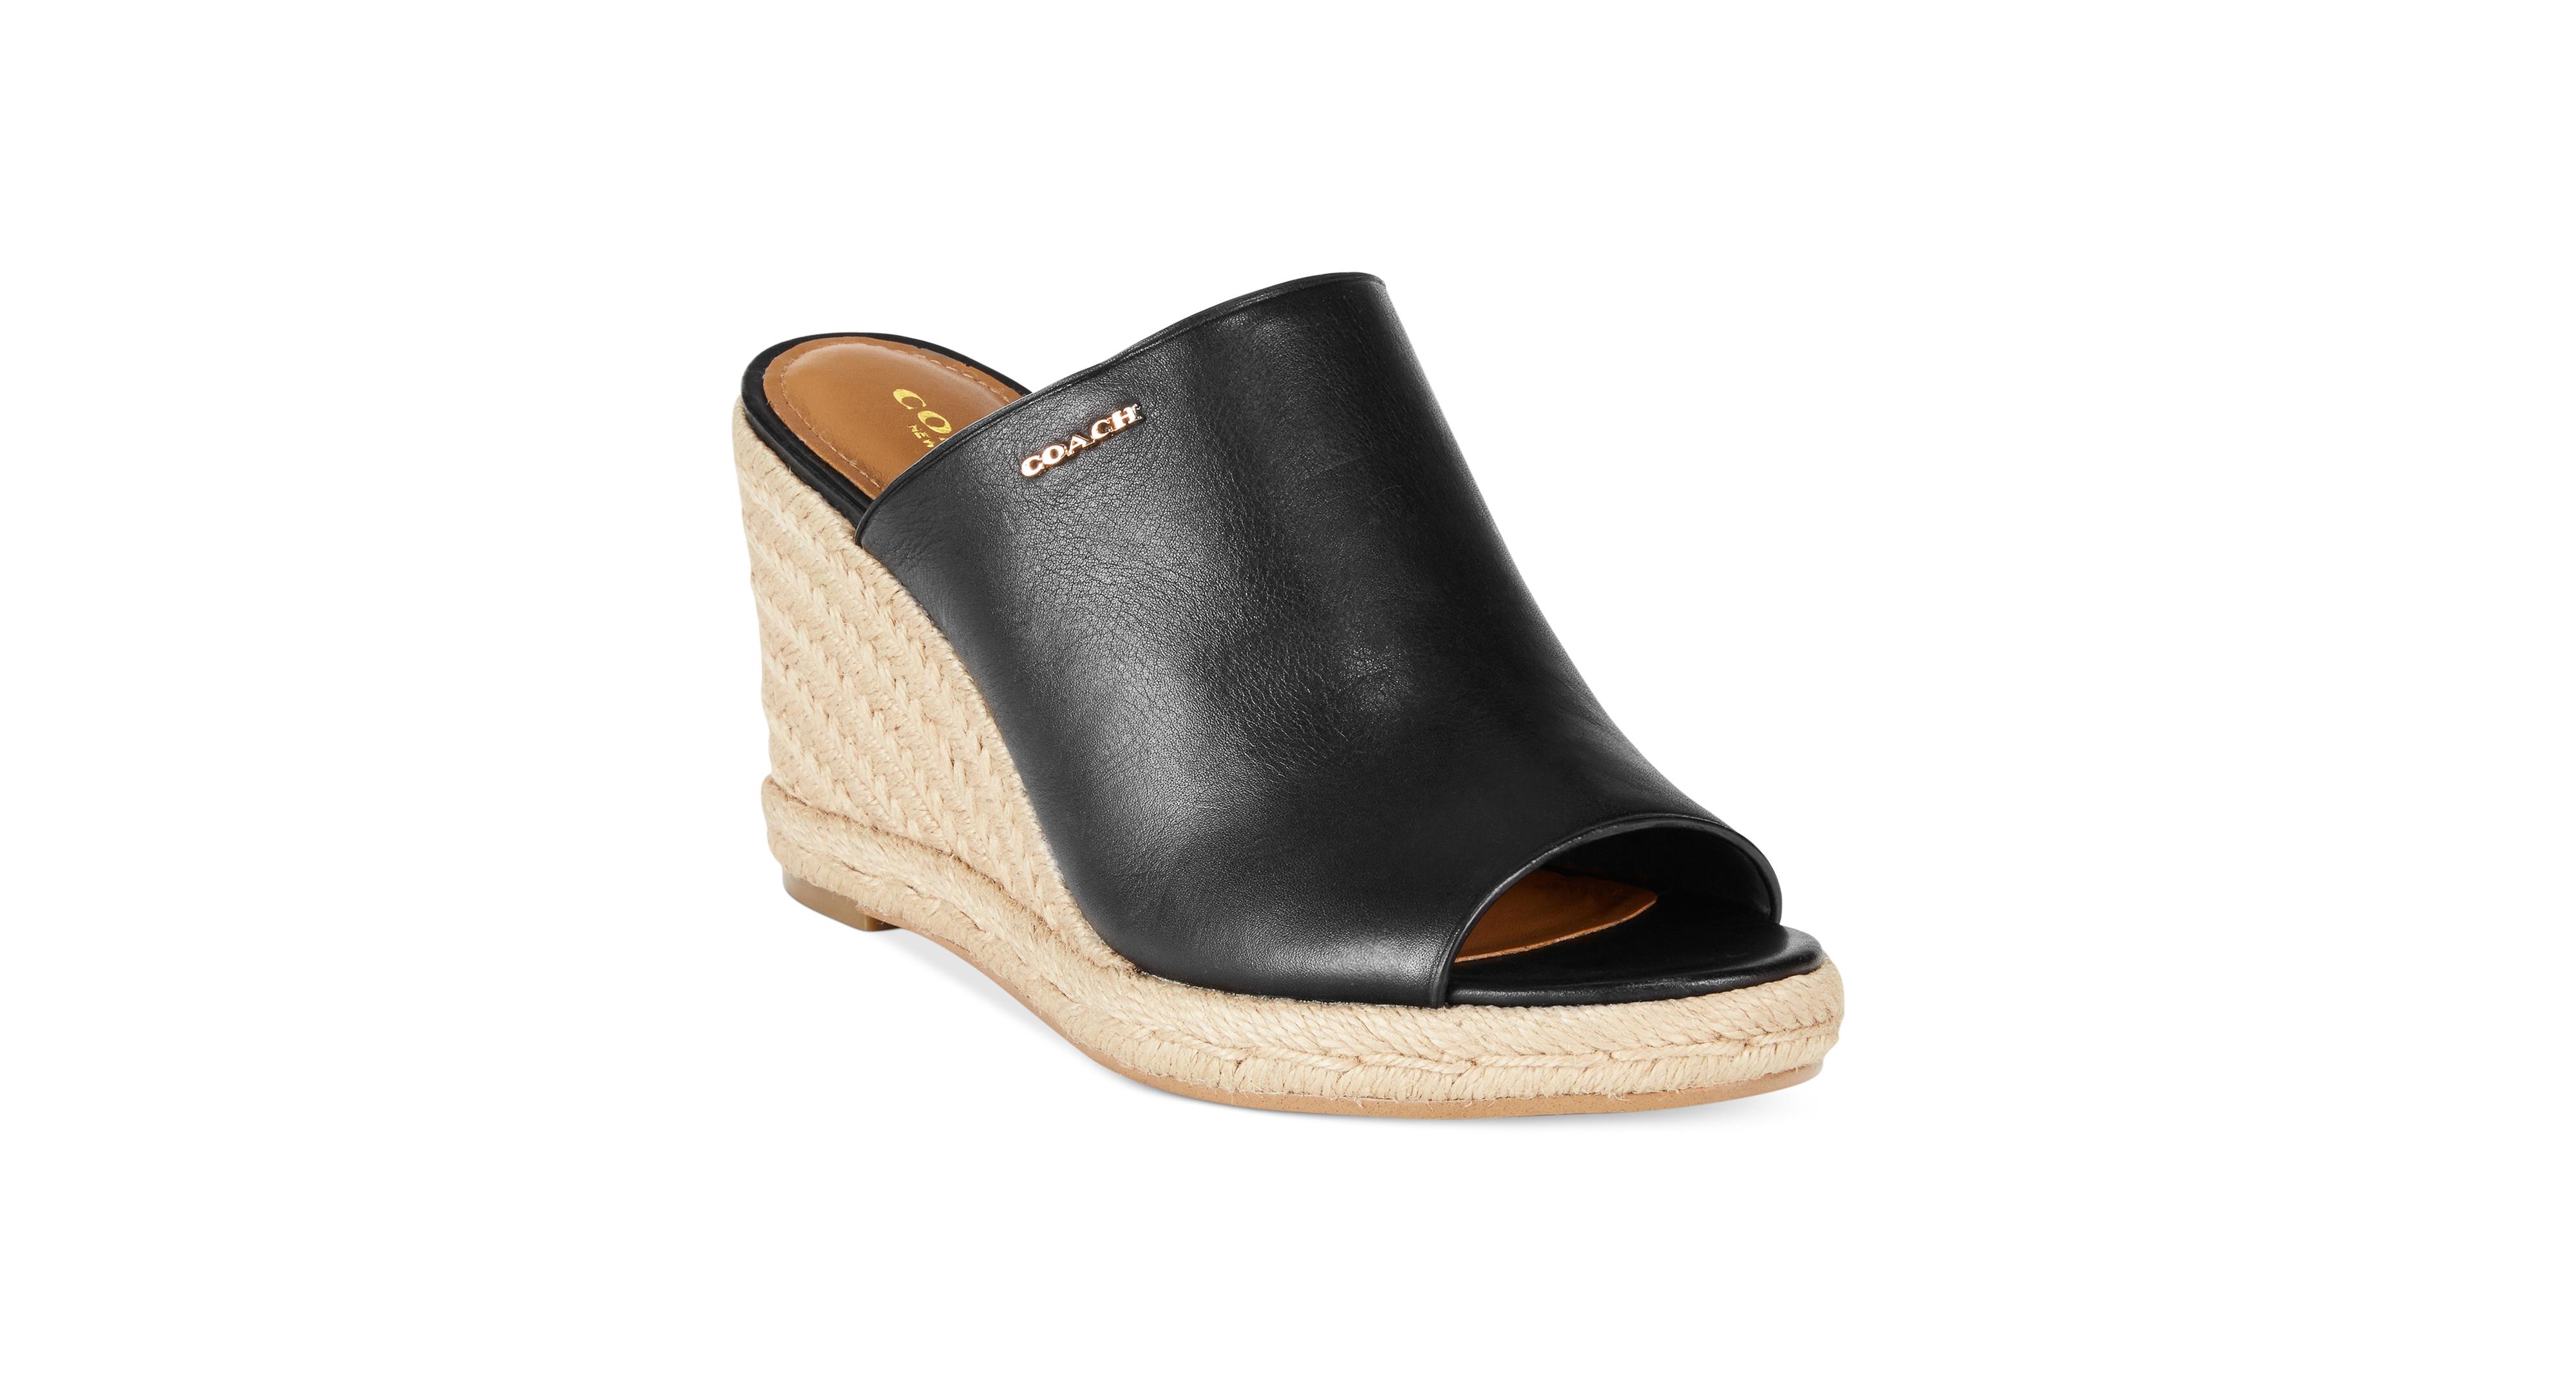 a34c1fd6646 Coach Gayle Espadrille Wedge Sandals   shoes   Wedges, Espadrilles ...